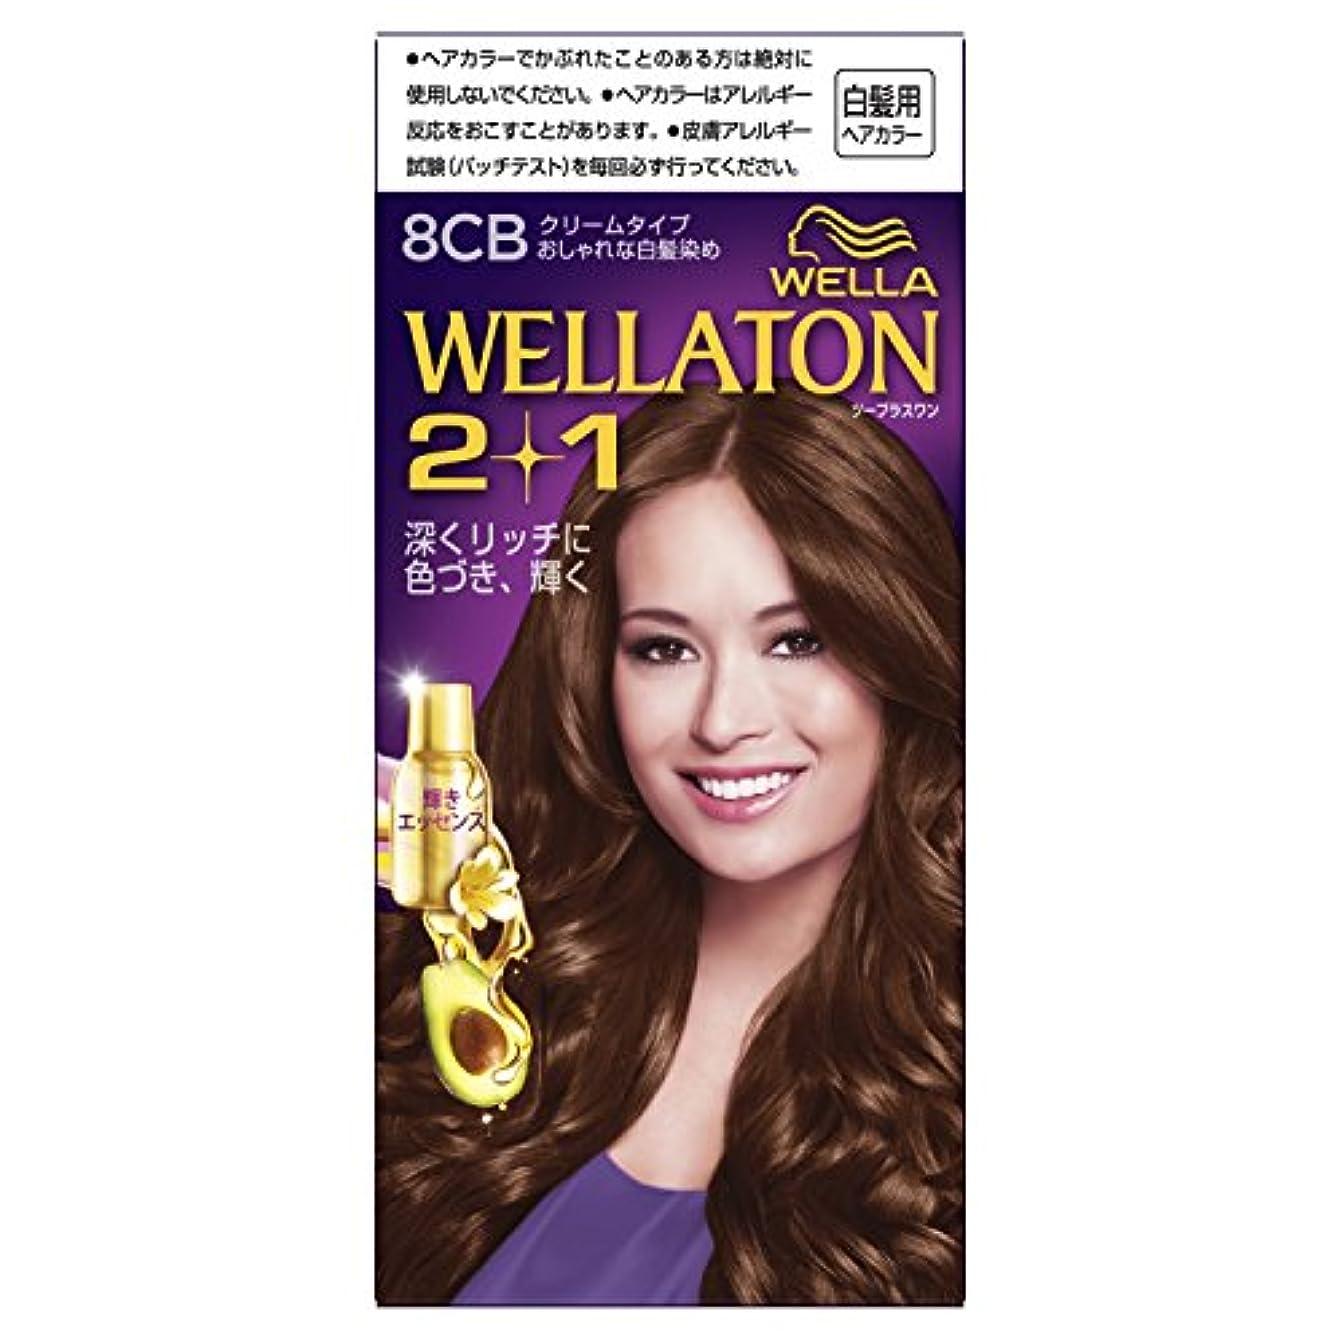 触手好色なブリークウエラトーン2+1 クリームタイプ 8CB [医薬部外品](おしゃれな白髪染め)